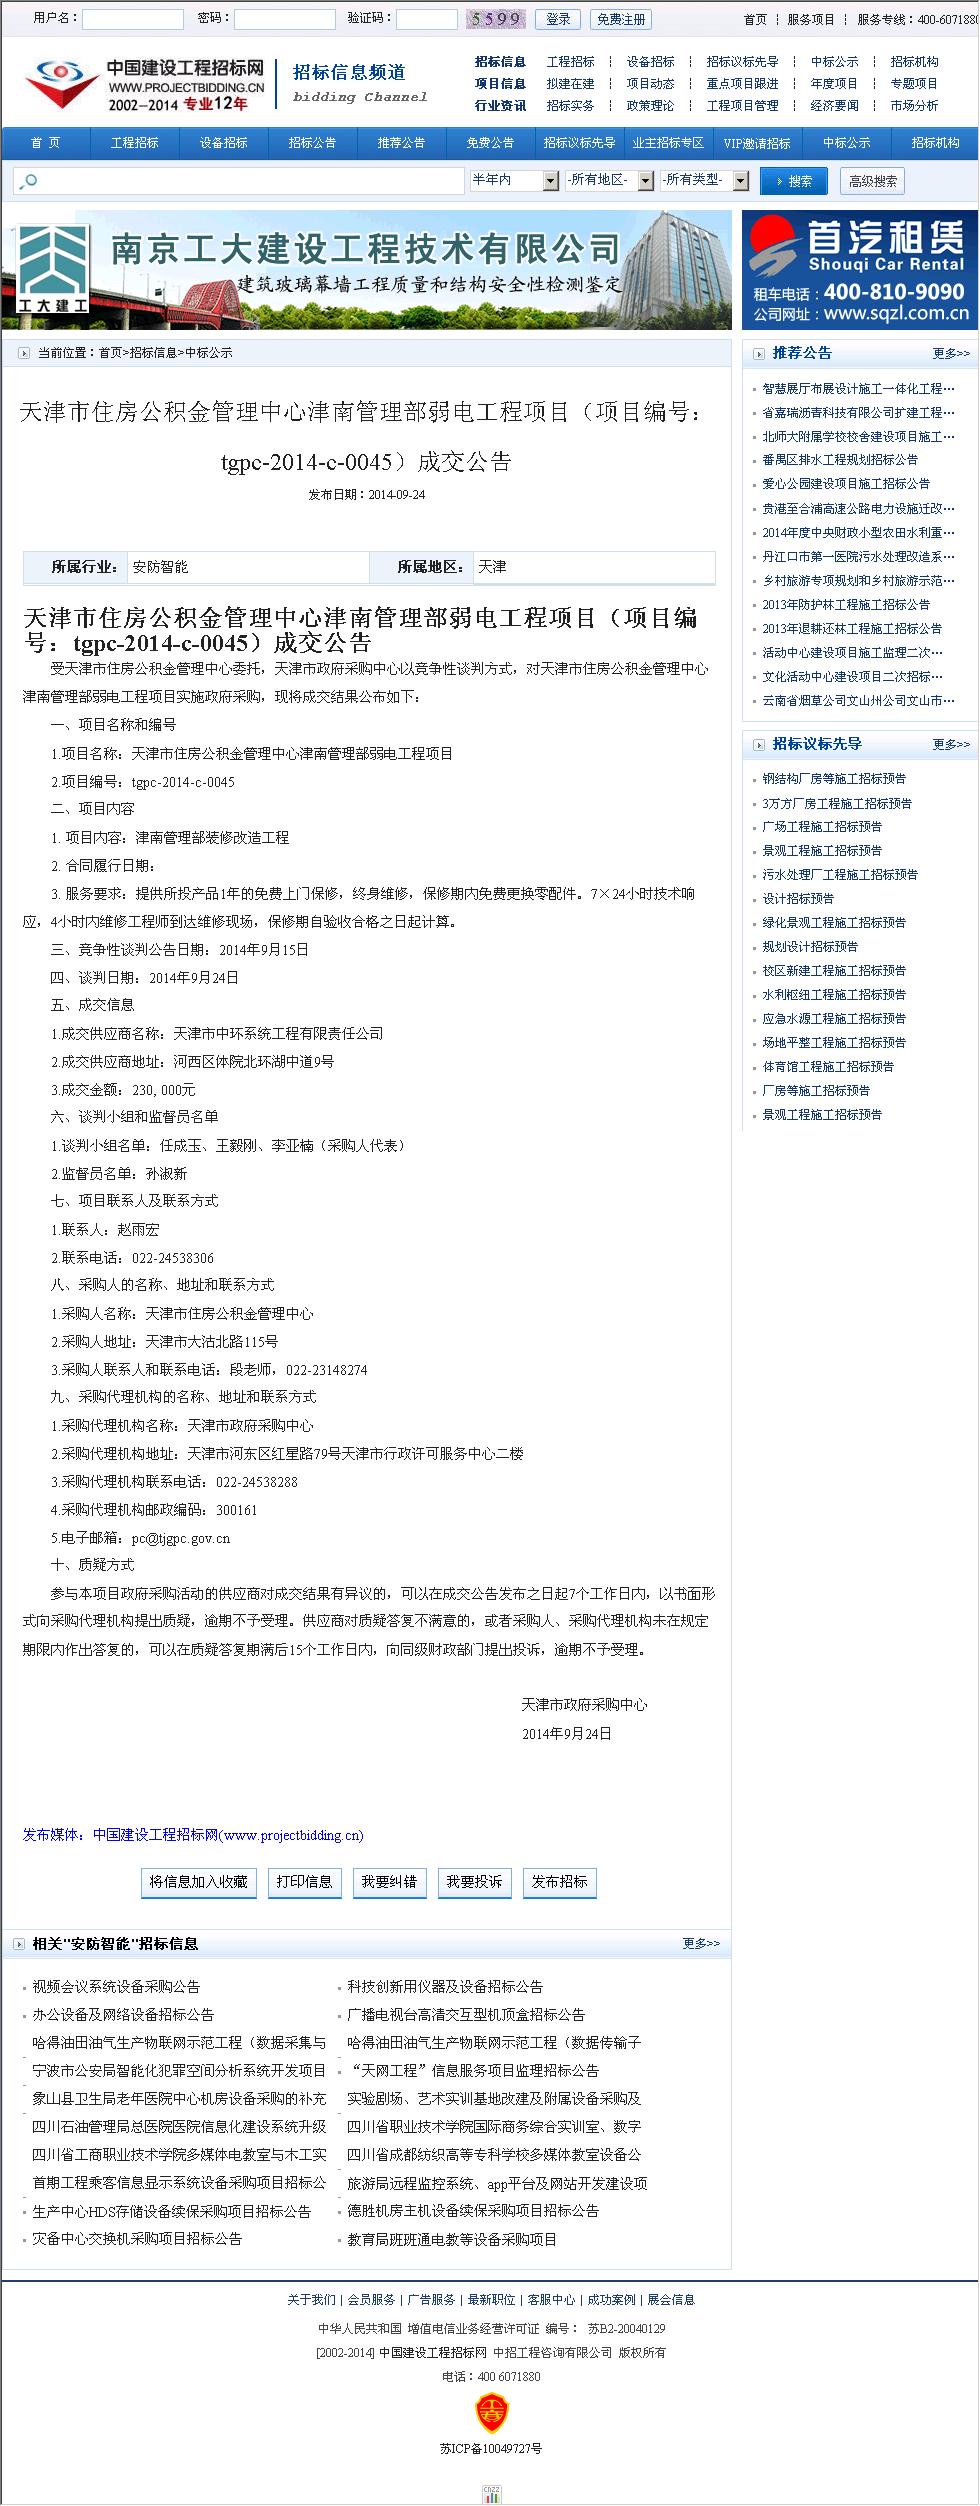 天津市中环系统工程有限责任公司